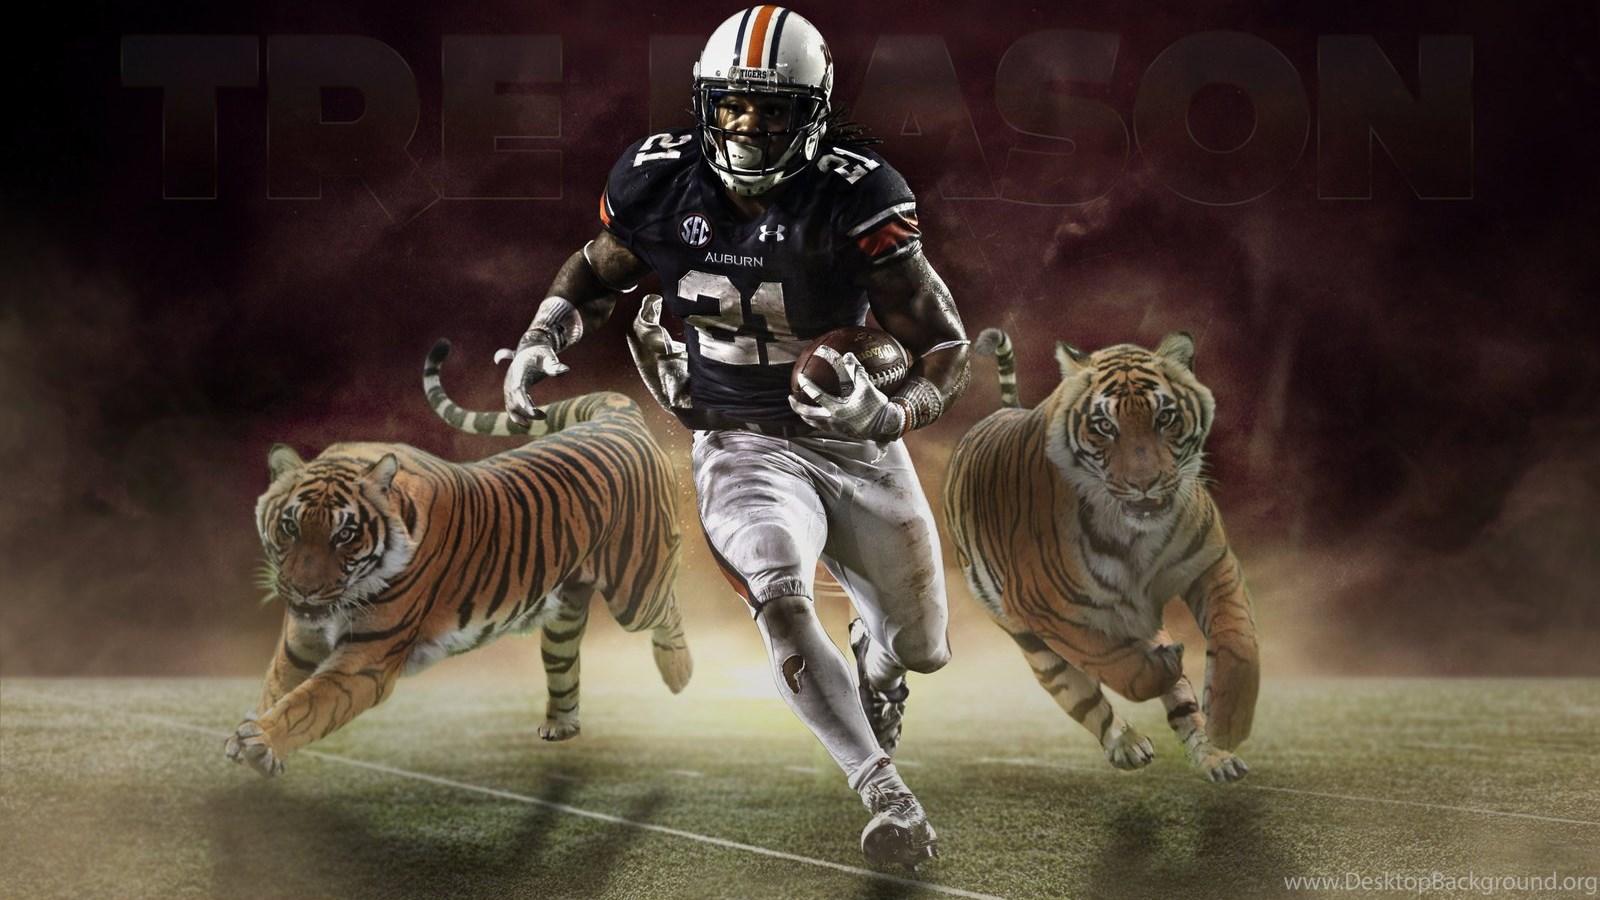 Auburn Tigers Wallpapers HD Lovely Desktop Background